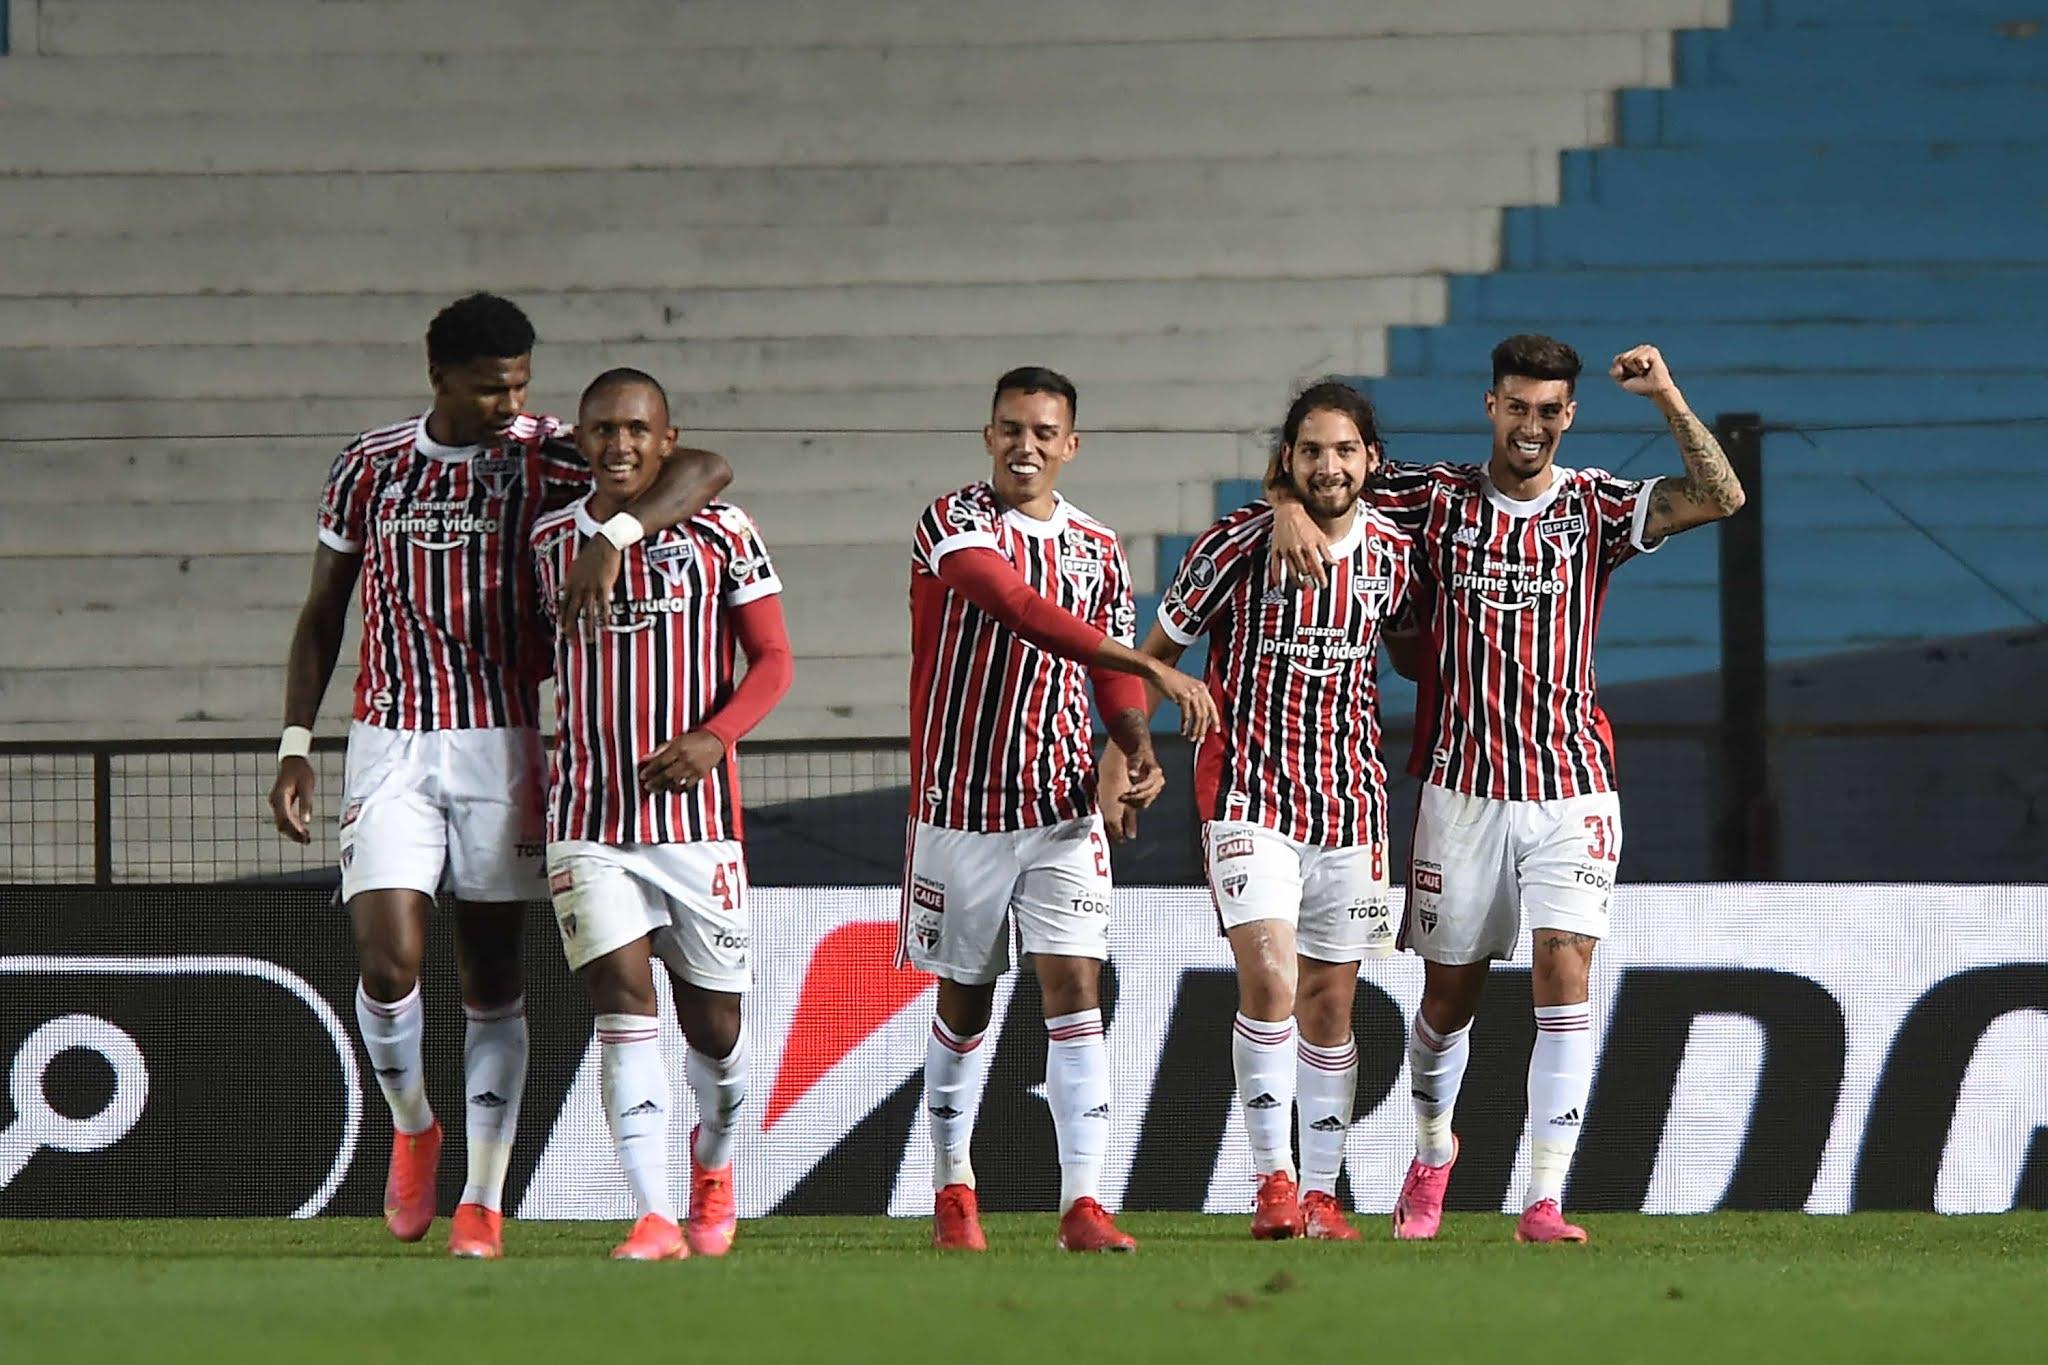 Racing quedó eliminado de la Libertadores al perder con San Pablo